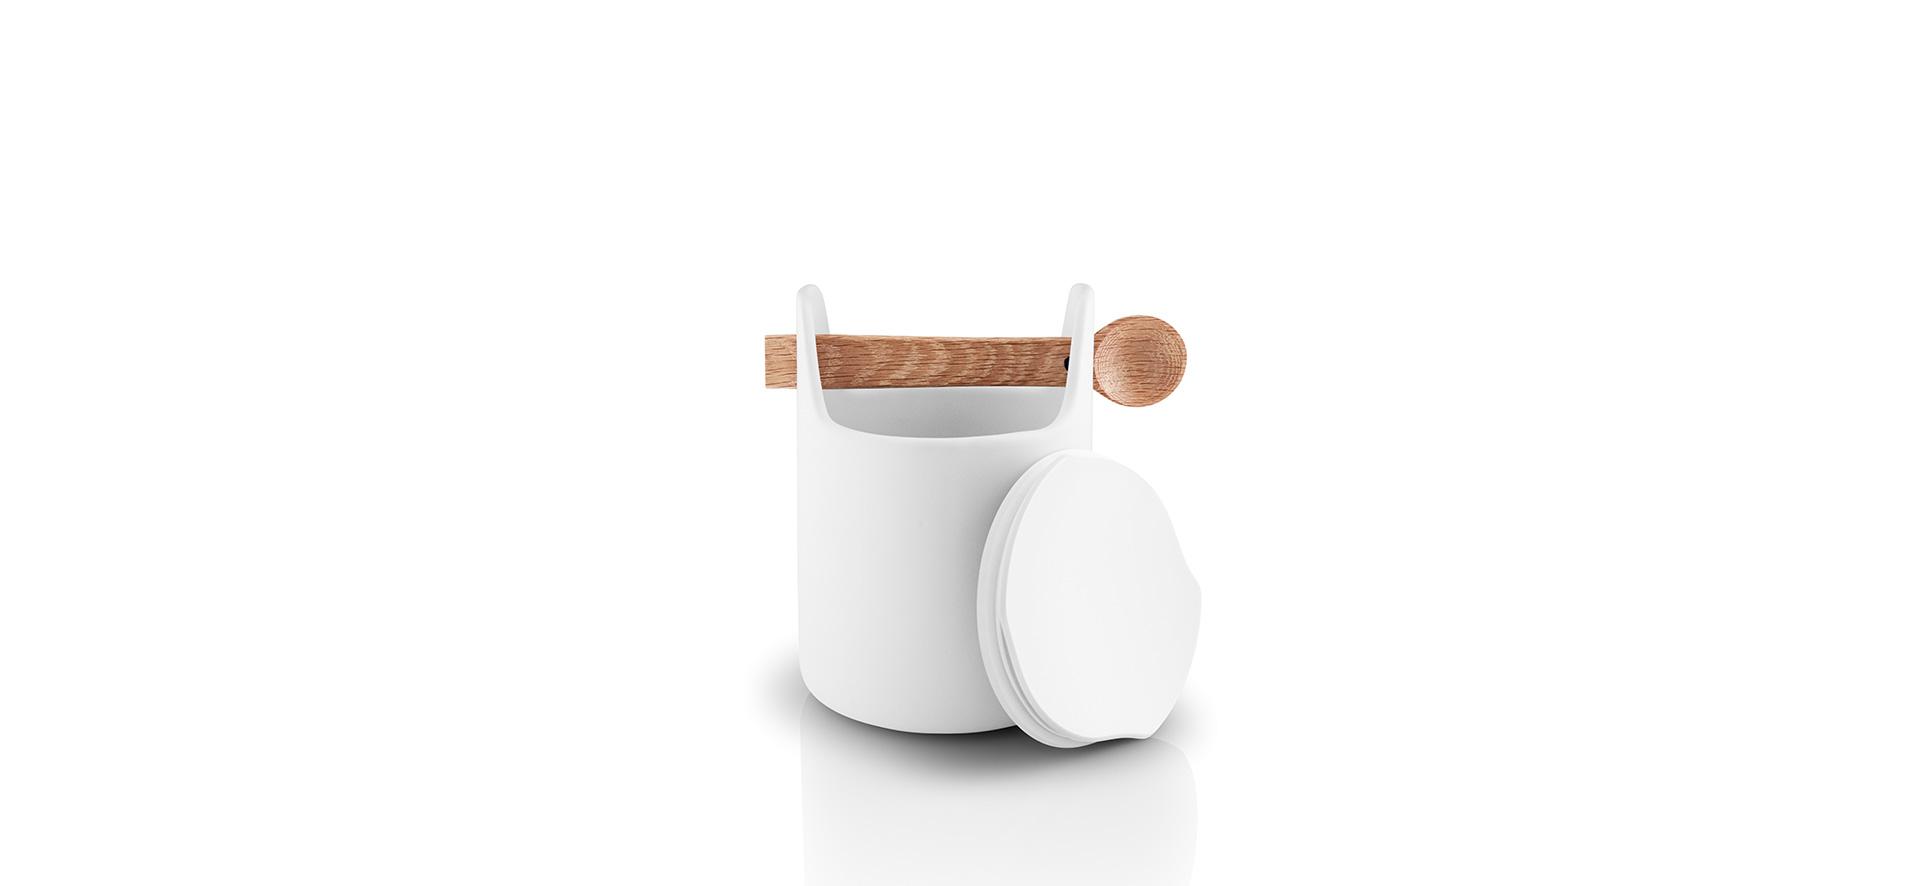 Full Size of Aufbewahrungsbehälter Küche Metall Aufbewahrungsbehälter Küche Kaufen Aufbewahrungsbehälter Für Küche Aufbewahrungsbehälter Küche Glas Küche Aufbewahrungsbehälter Küche